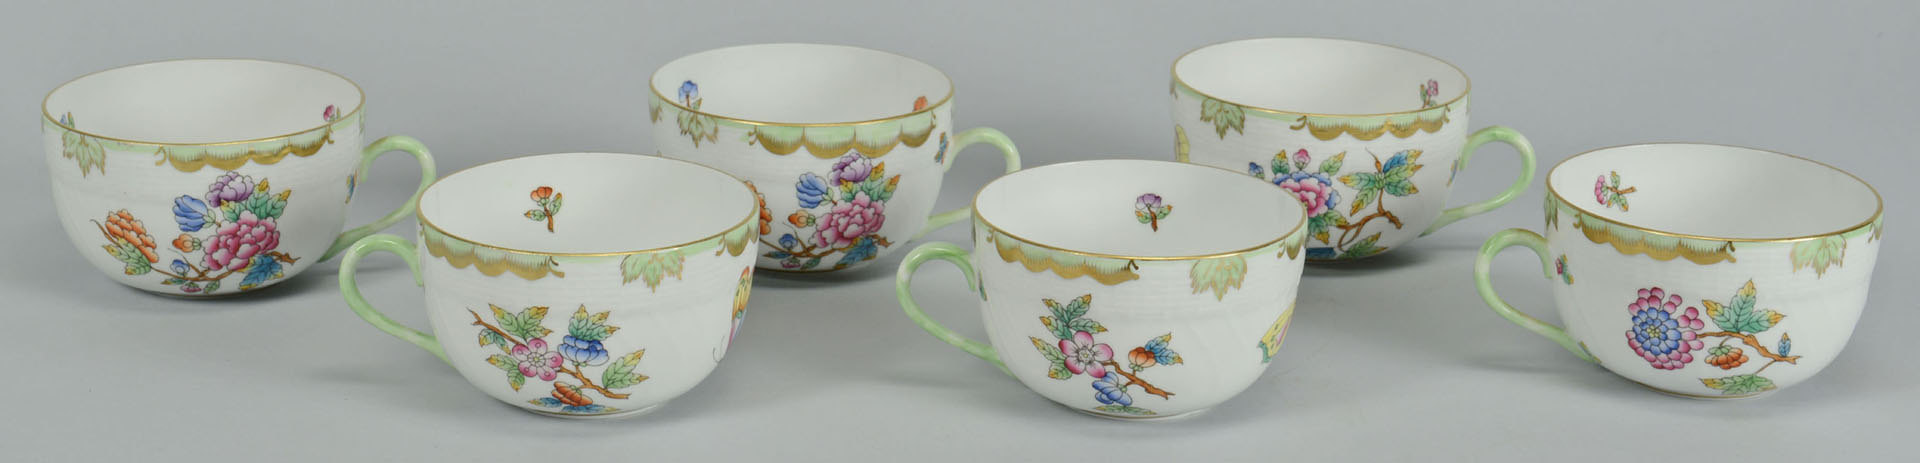 Lot 105: 41 pcs. Herend Queen Victoria Porcelain Dinnerware